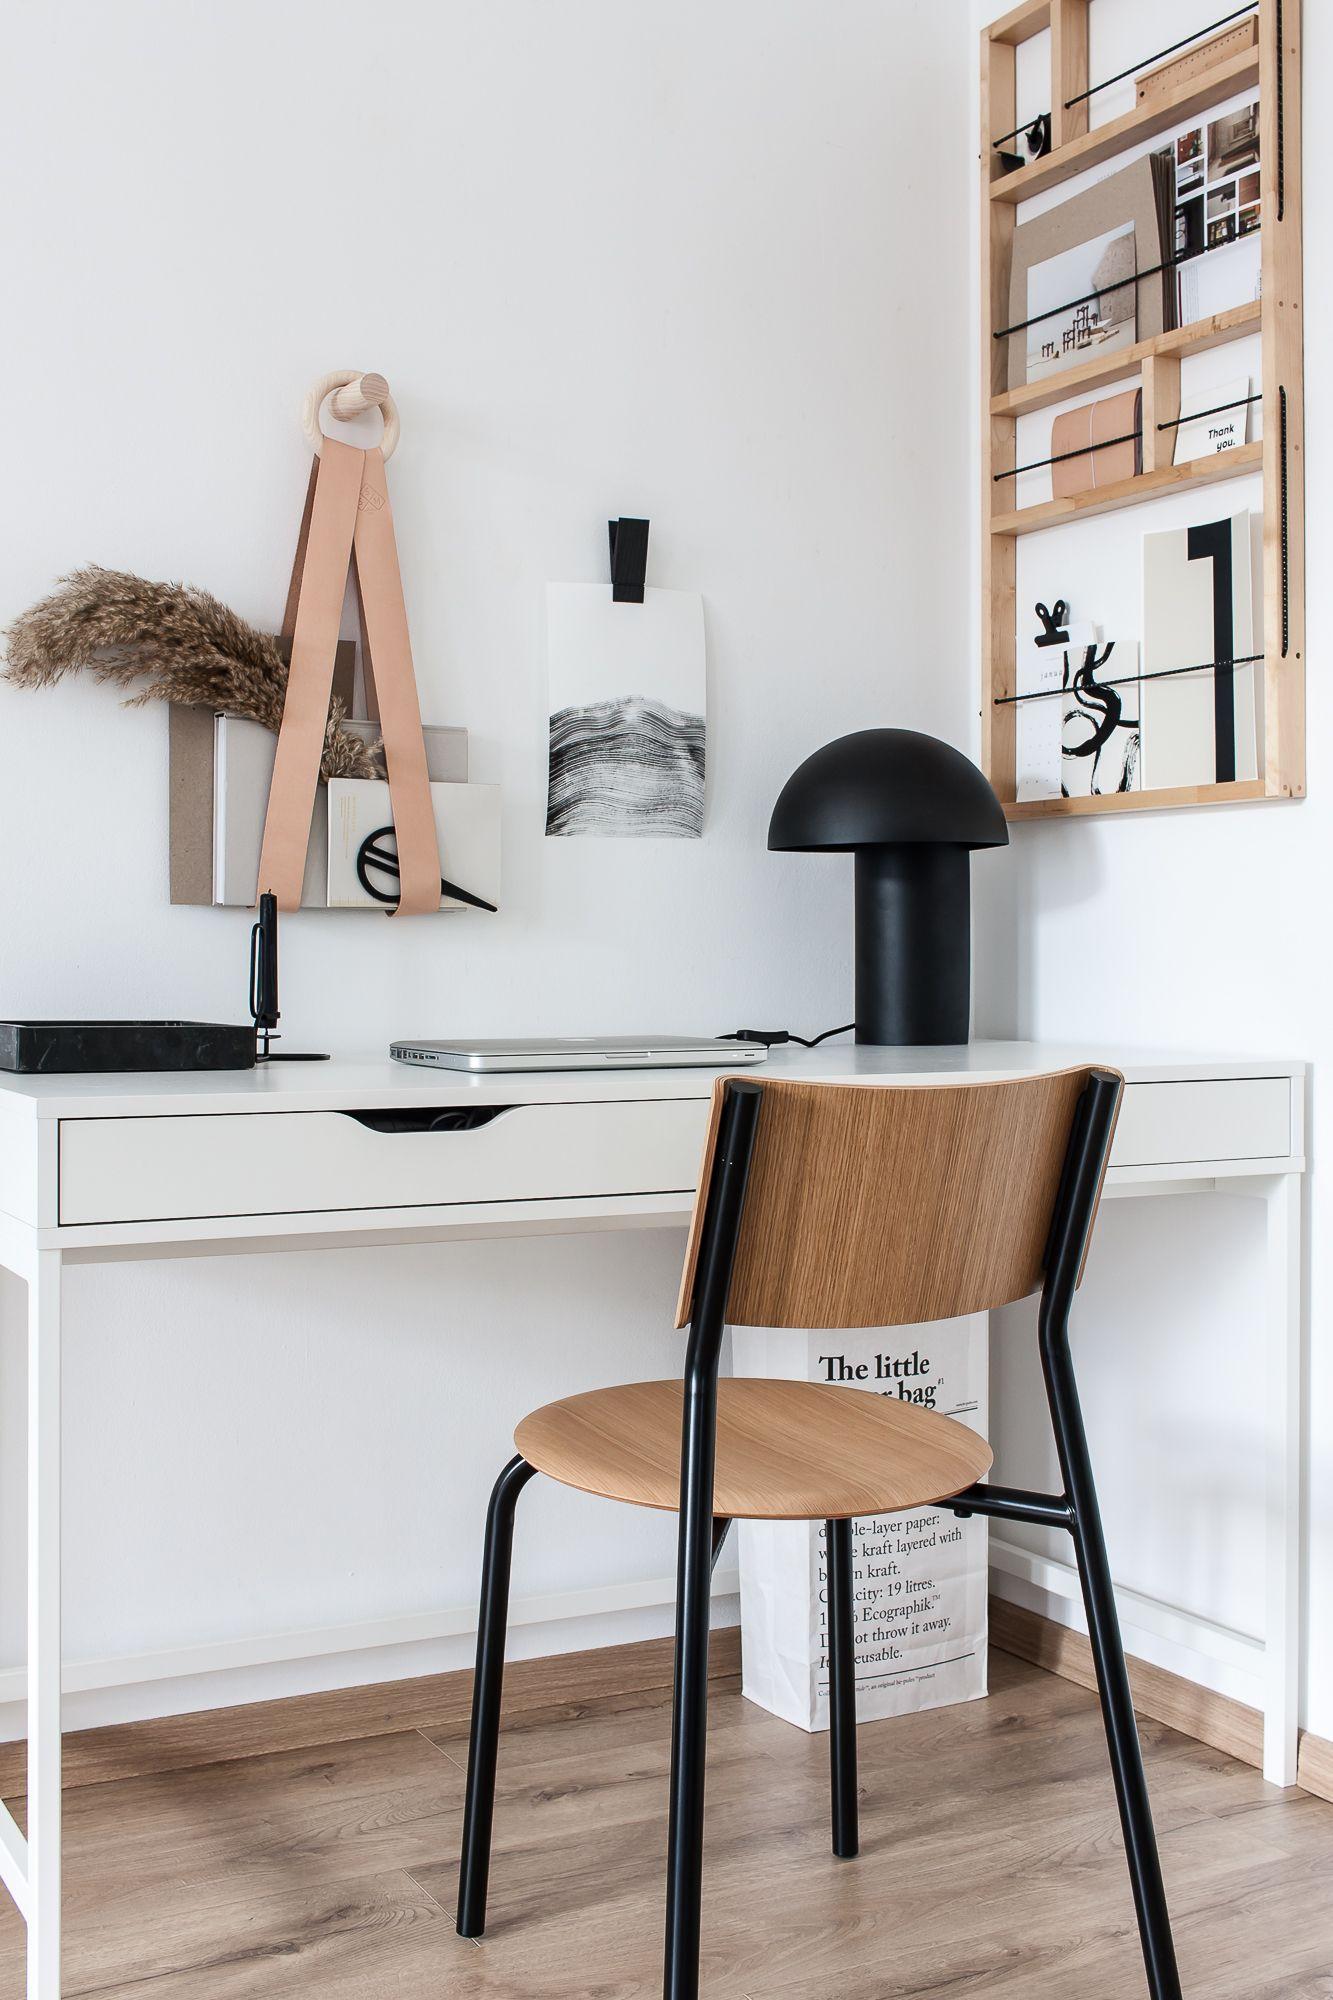 Chaise Ssd Simple Solide Et Durable Par Tiptoe Fabrication 100 Europeenne Avec Des Materiaux Nobles Resistants En 2020 Pied De Table Design Meuble Unique Chaise